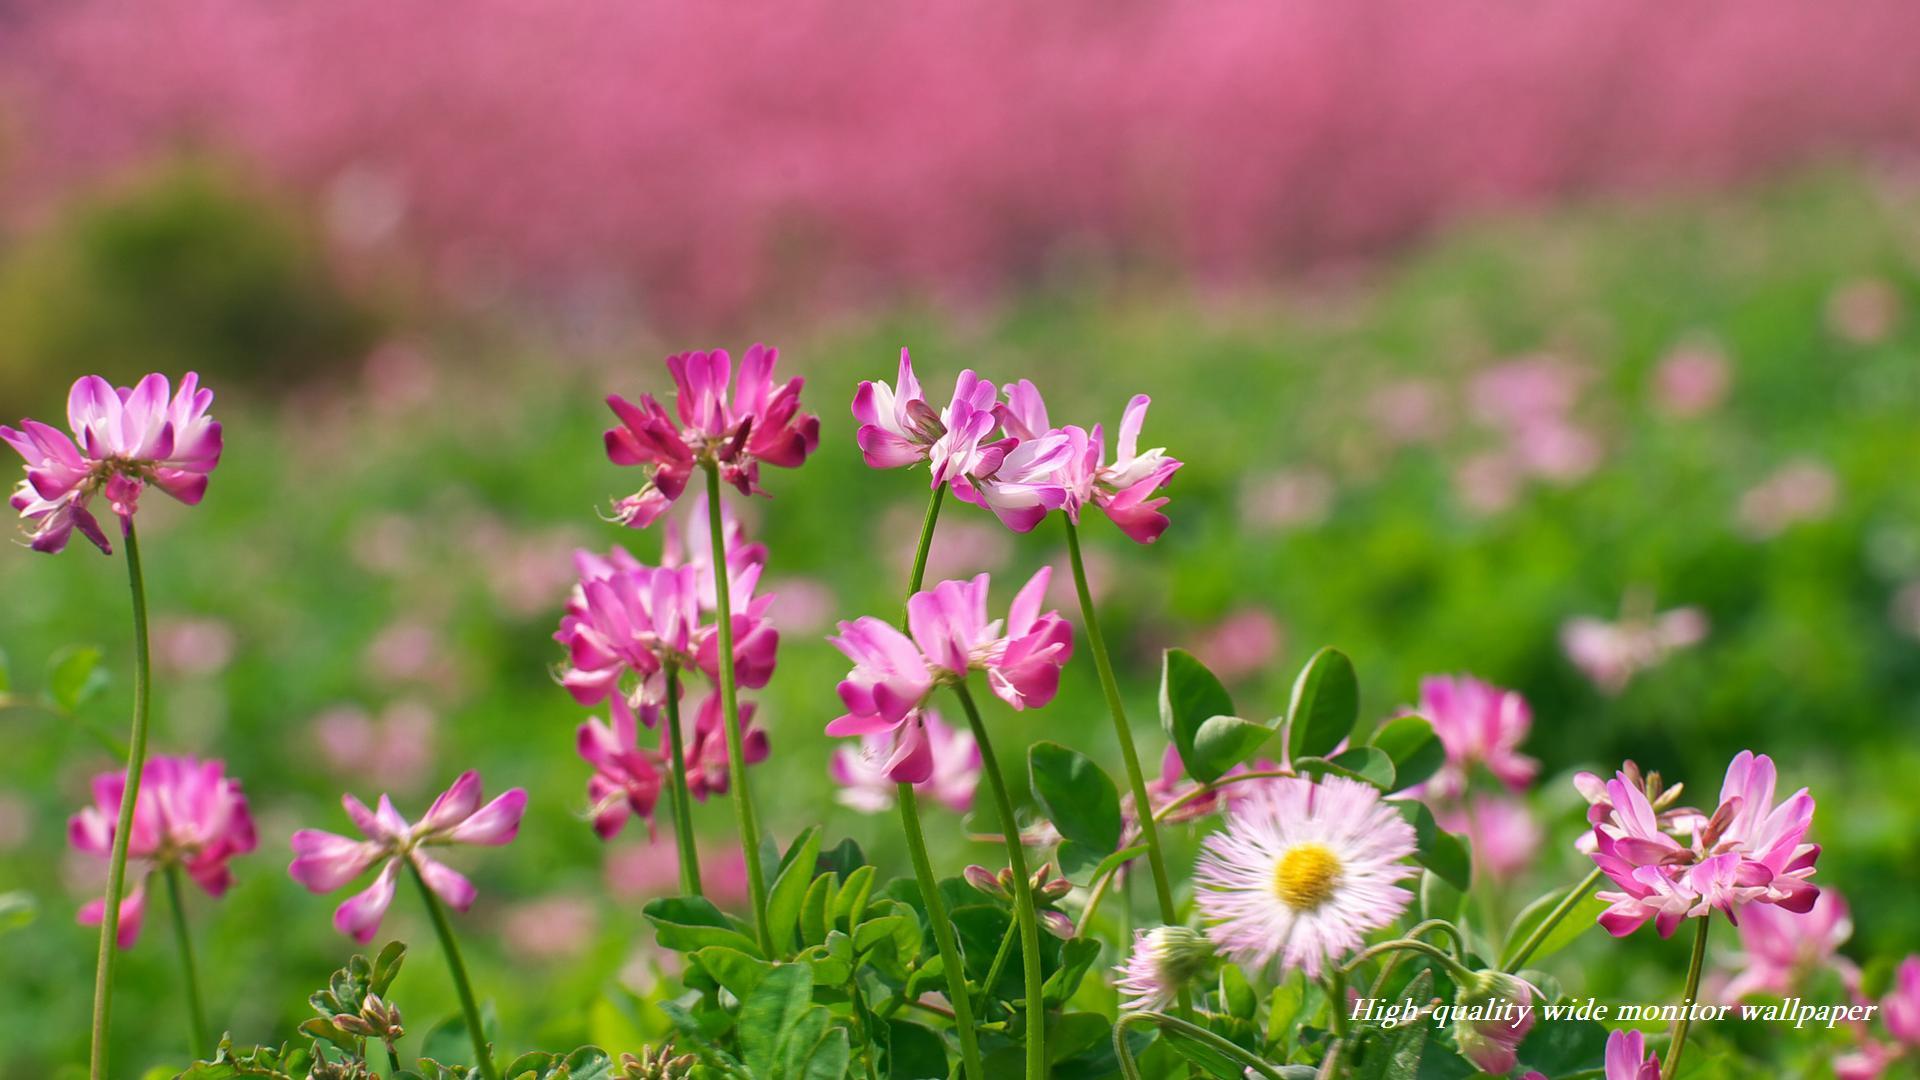 蓮華草 レンゲソウ をモチーフにしましたワイドモニター専門高画質壁紙 アスペクト比16 9 19 1080 春の風景 自然風景 花 景色